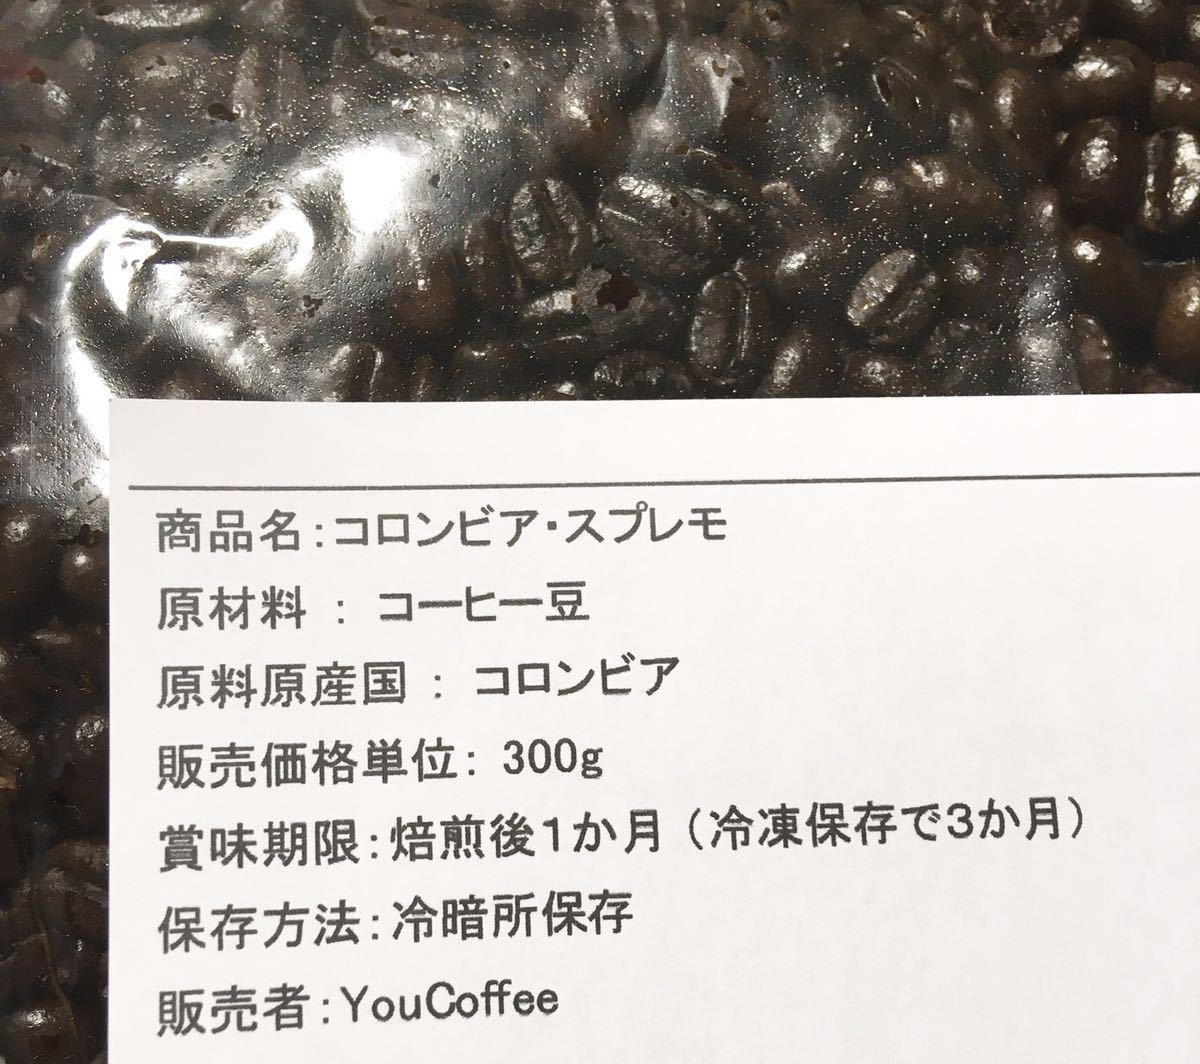 コーヒー豆 ● コロンビア・スプレモ ★200g★【 YouCoffee 】の 珈琲豆 はご注文を受けてから直火焙煎後に発送します。 だから新鮮 !_画像6